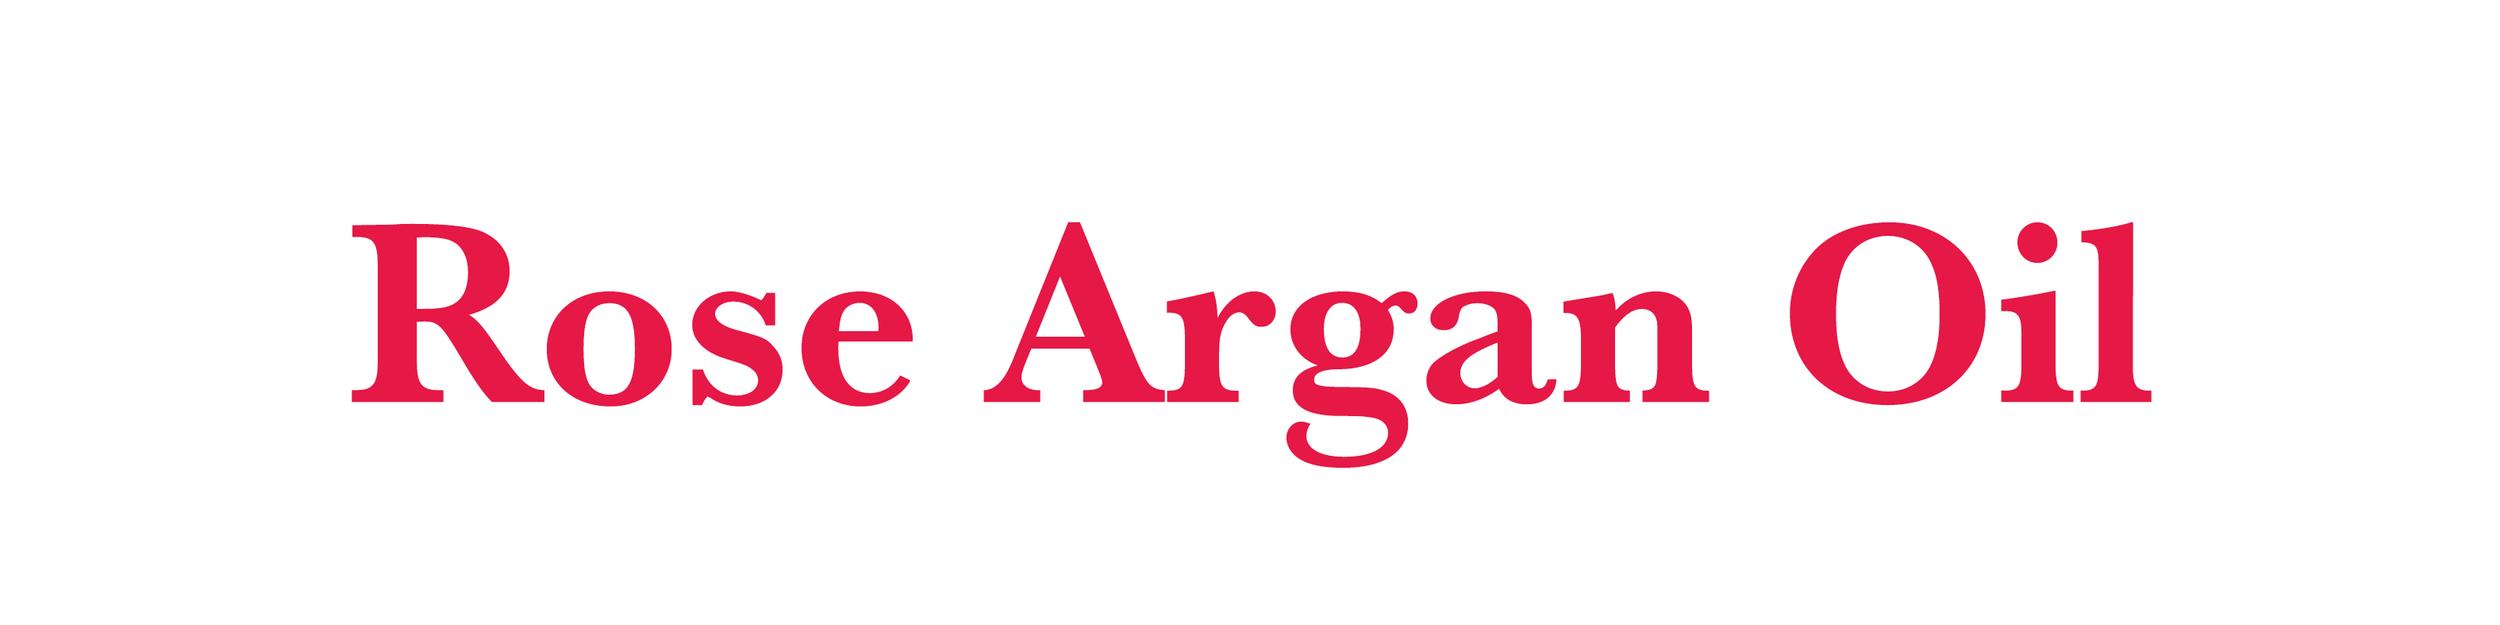 argan.png